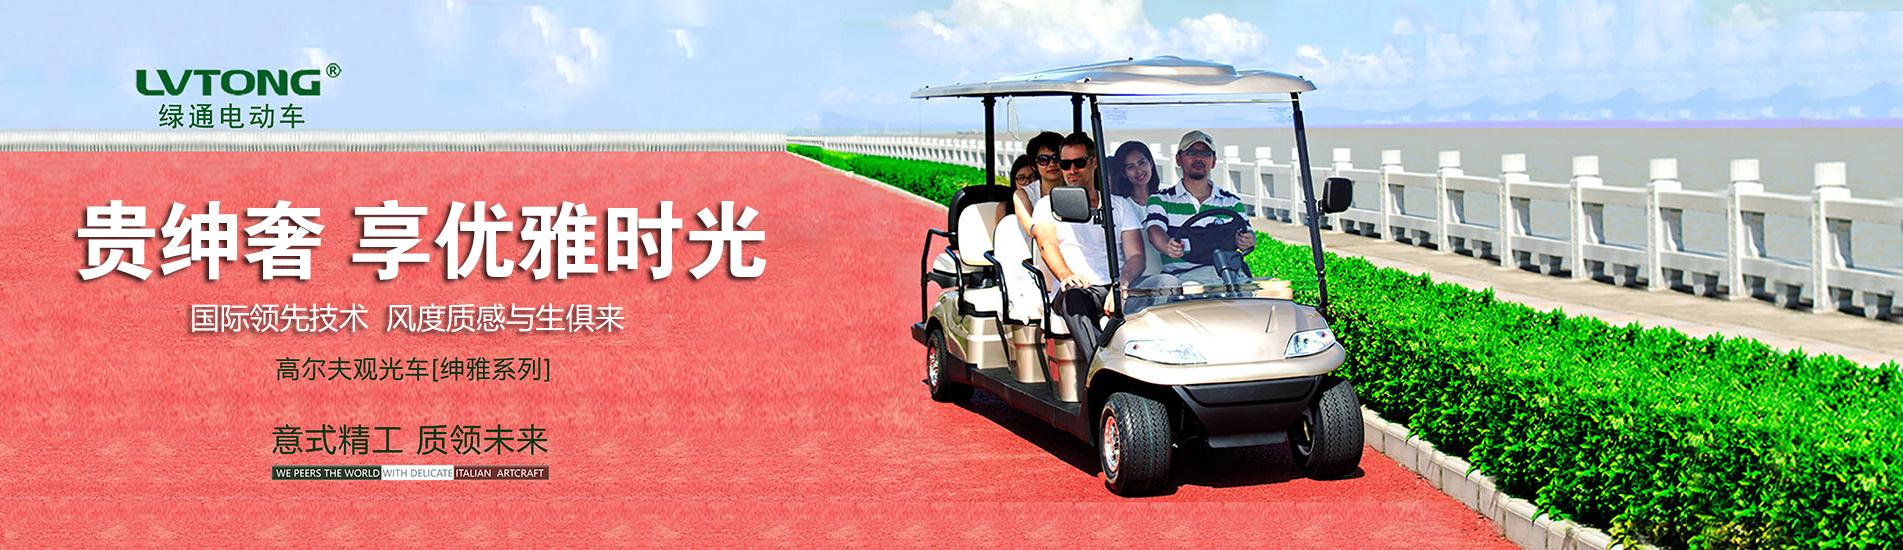 江苏高尔夫观光车